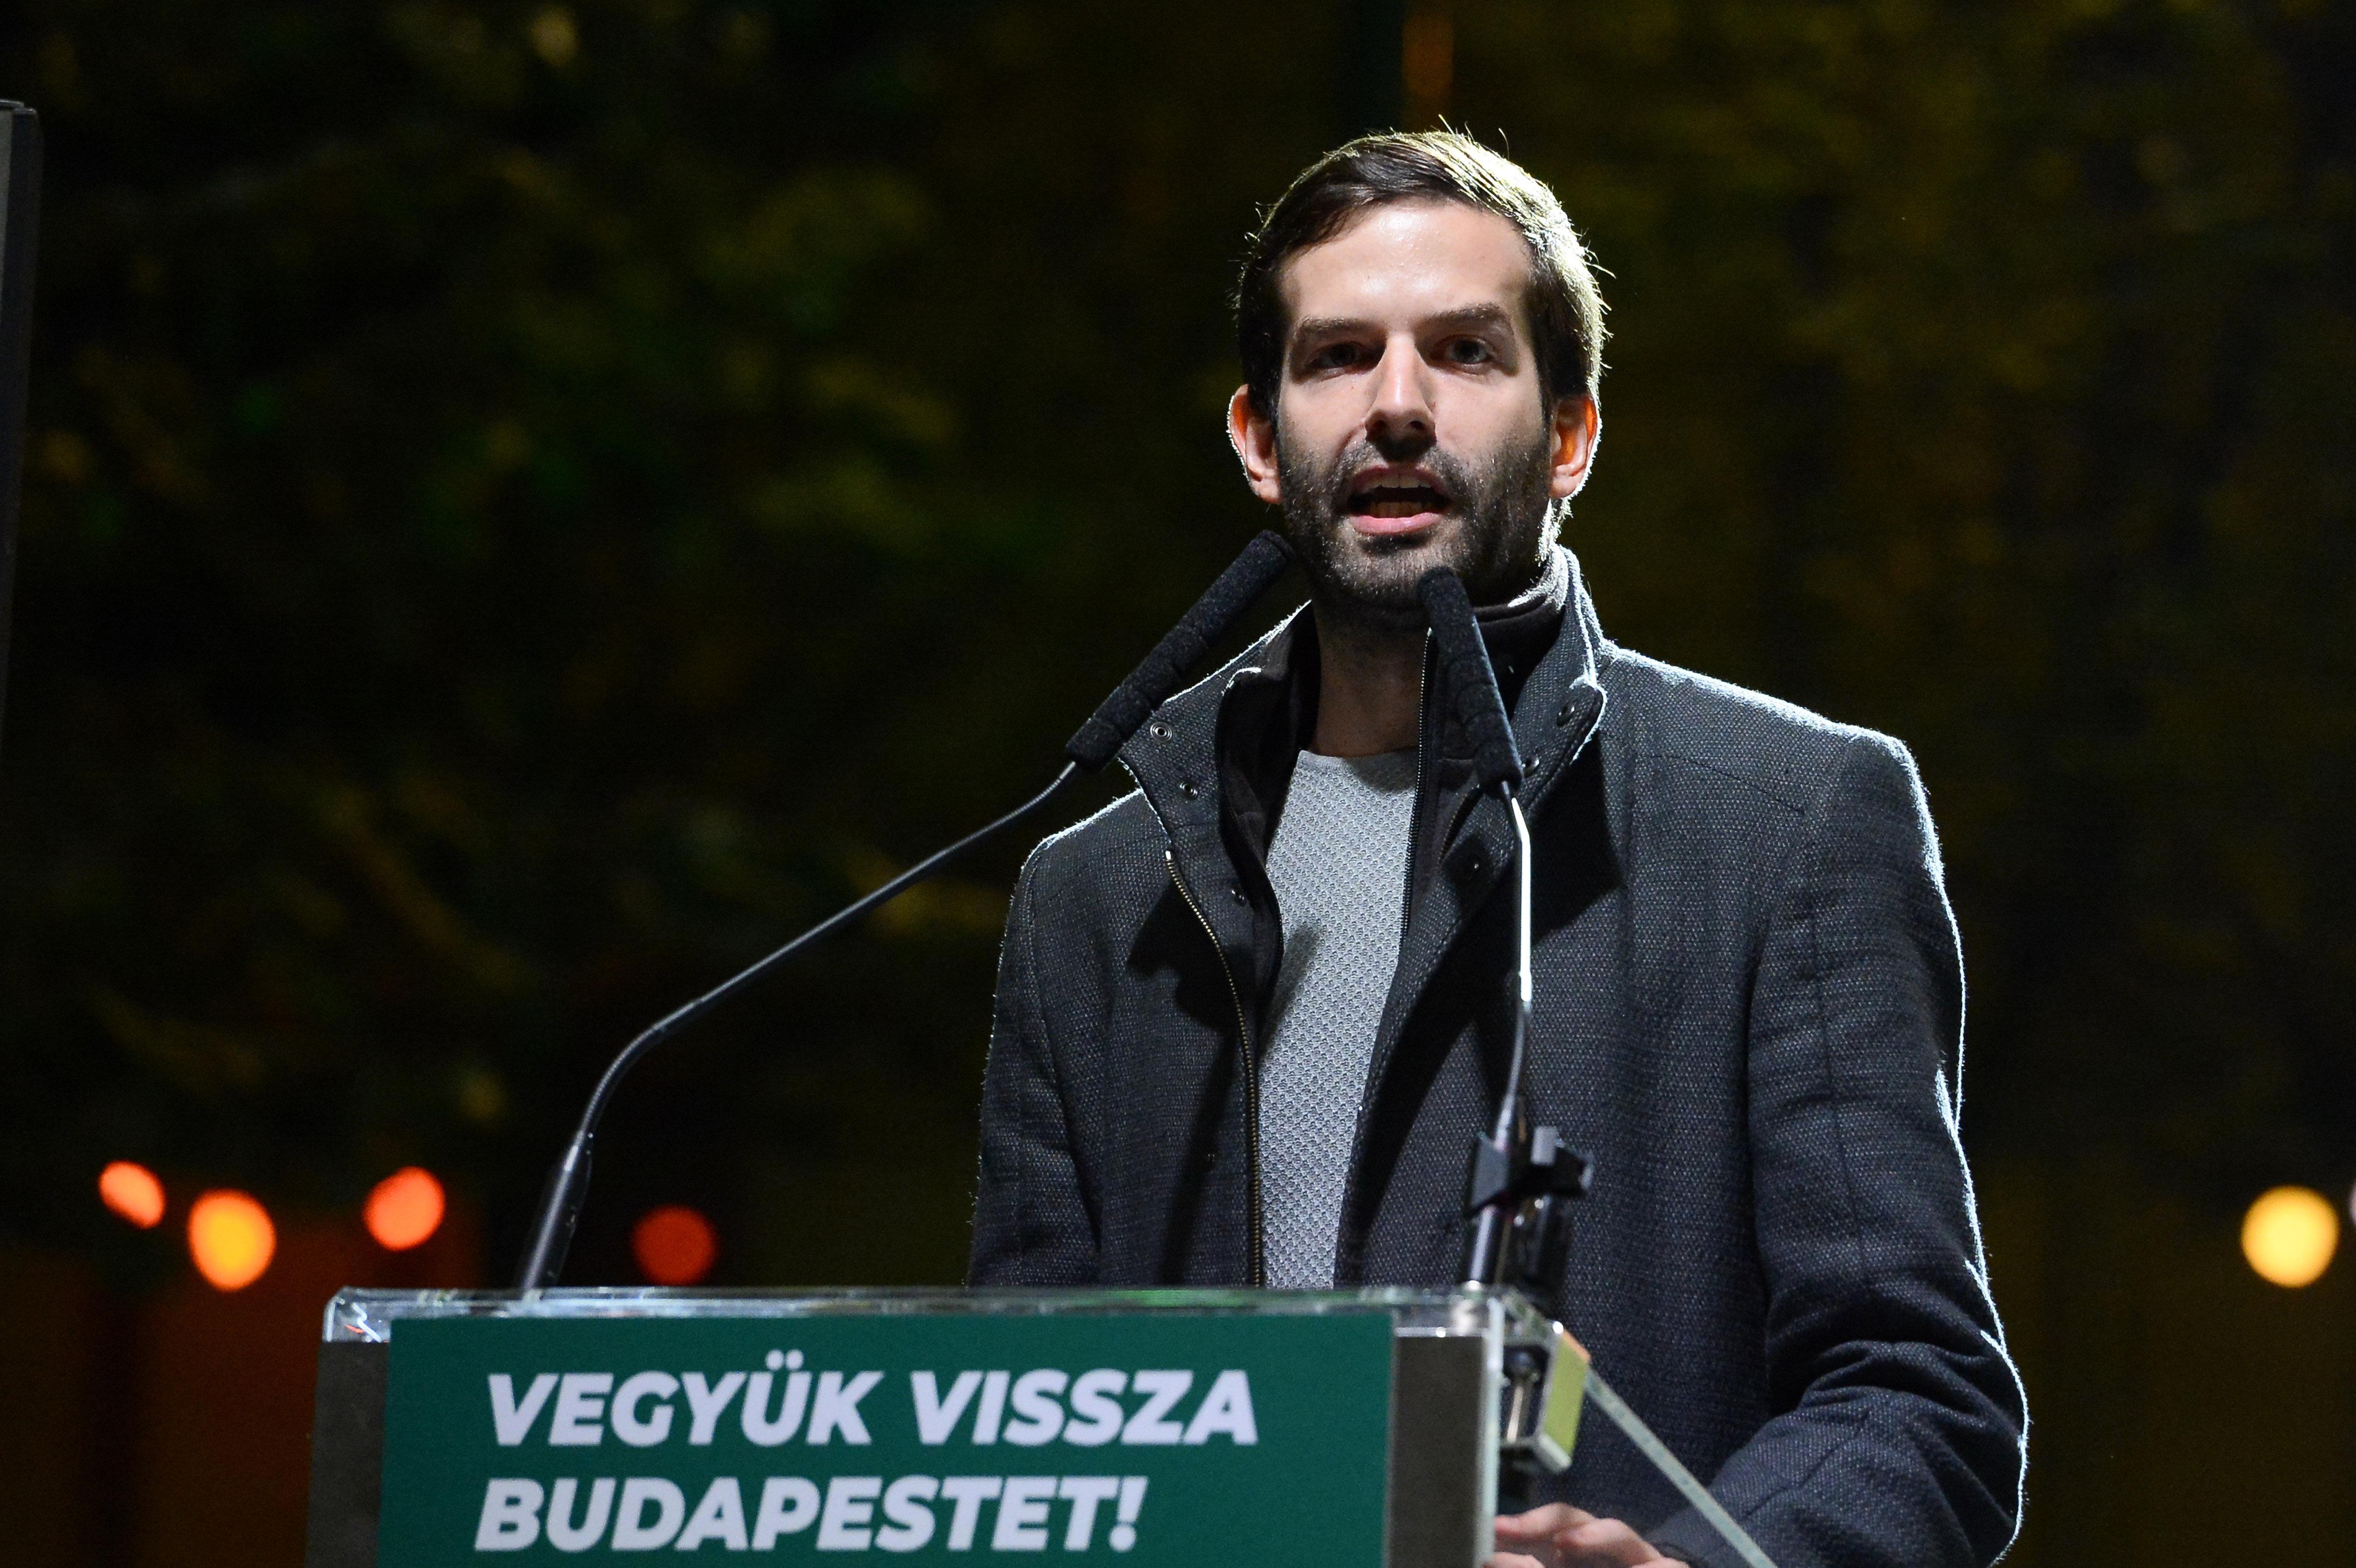 Fekete-Győr Botkával, Hadházyval és Széllel közösen vágna neki 2022-nek